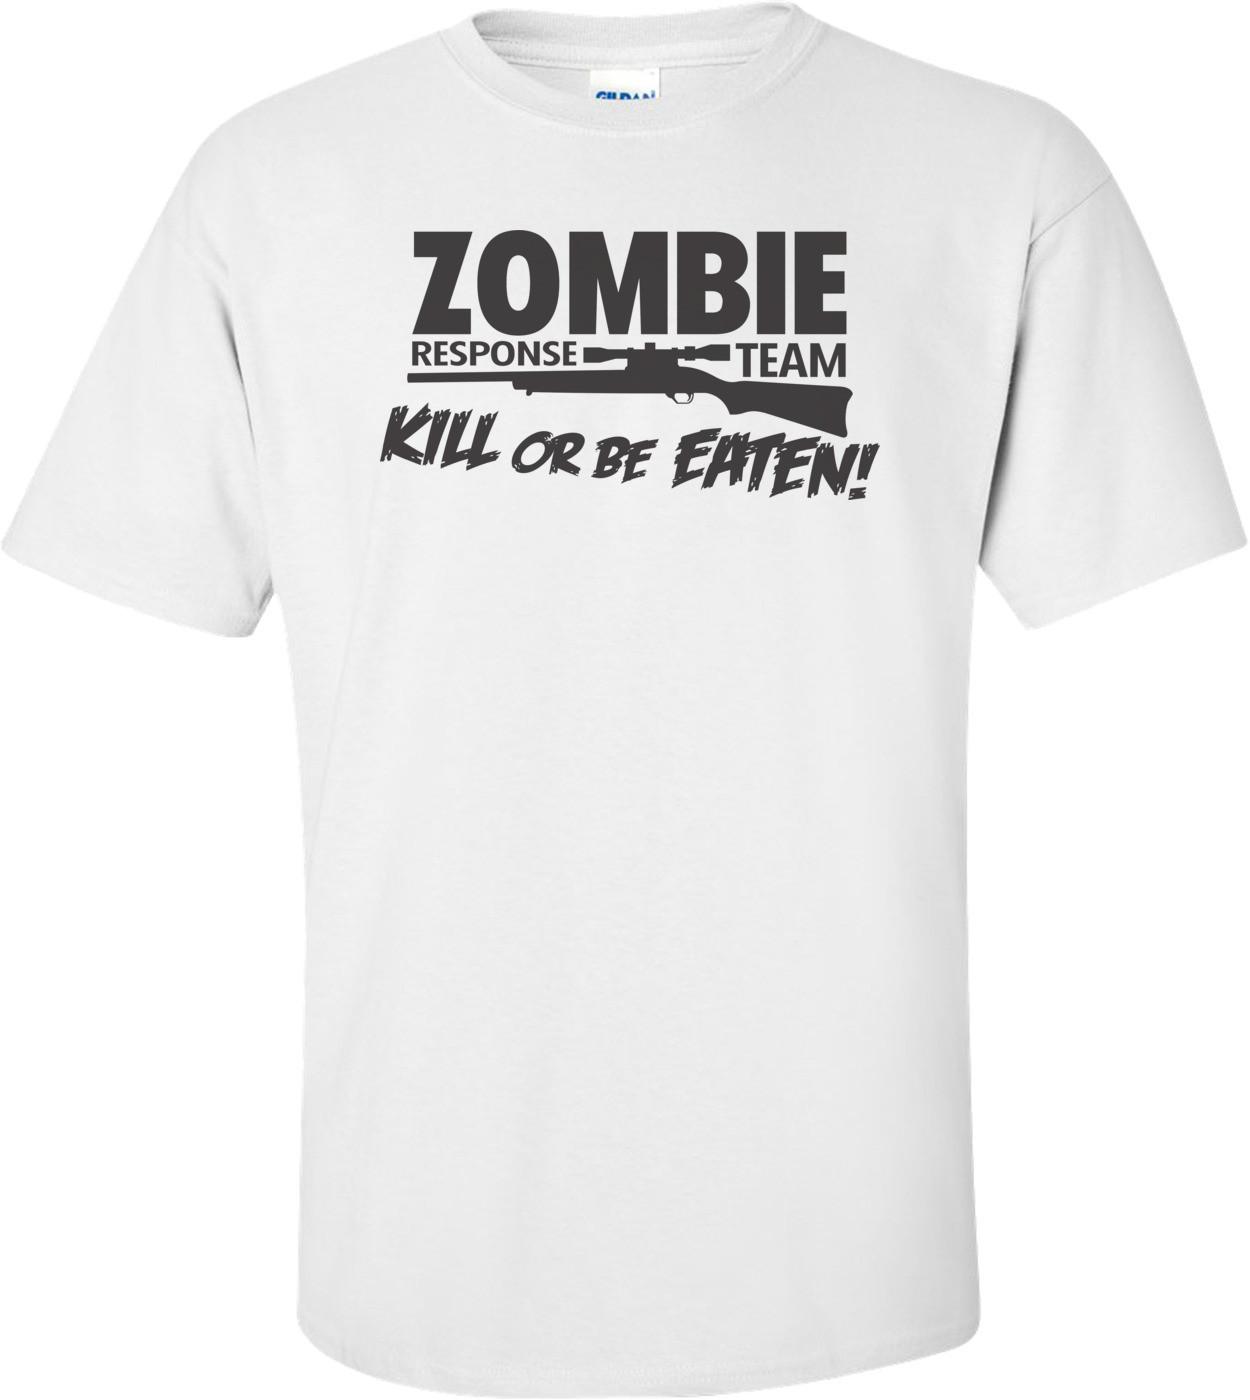 Zombie Response Team Kill Or Be Eaten